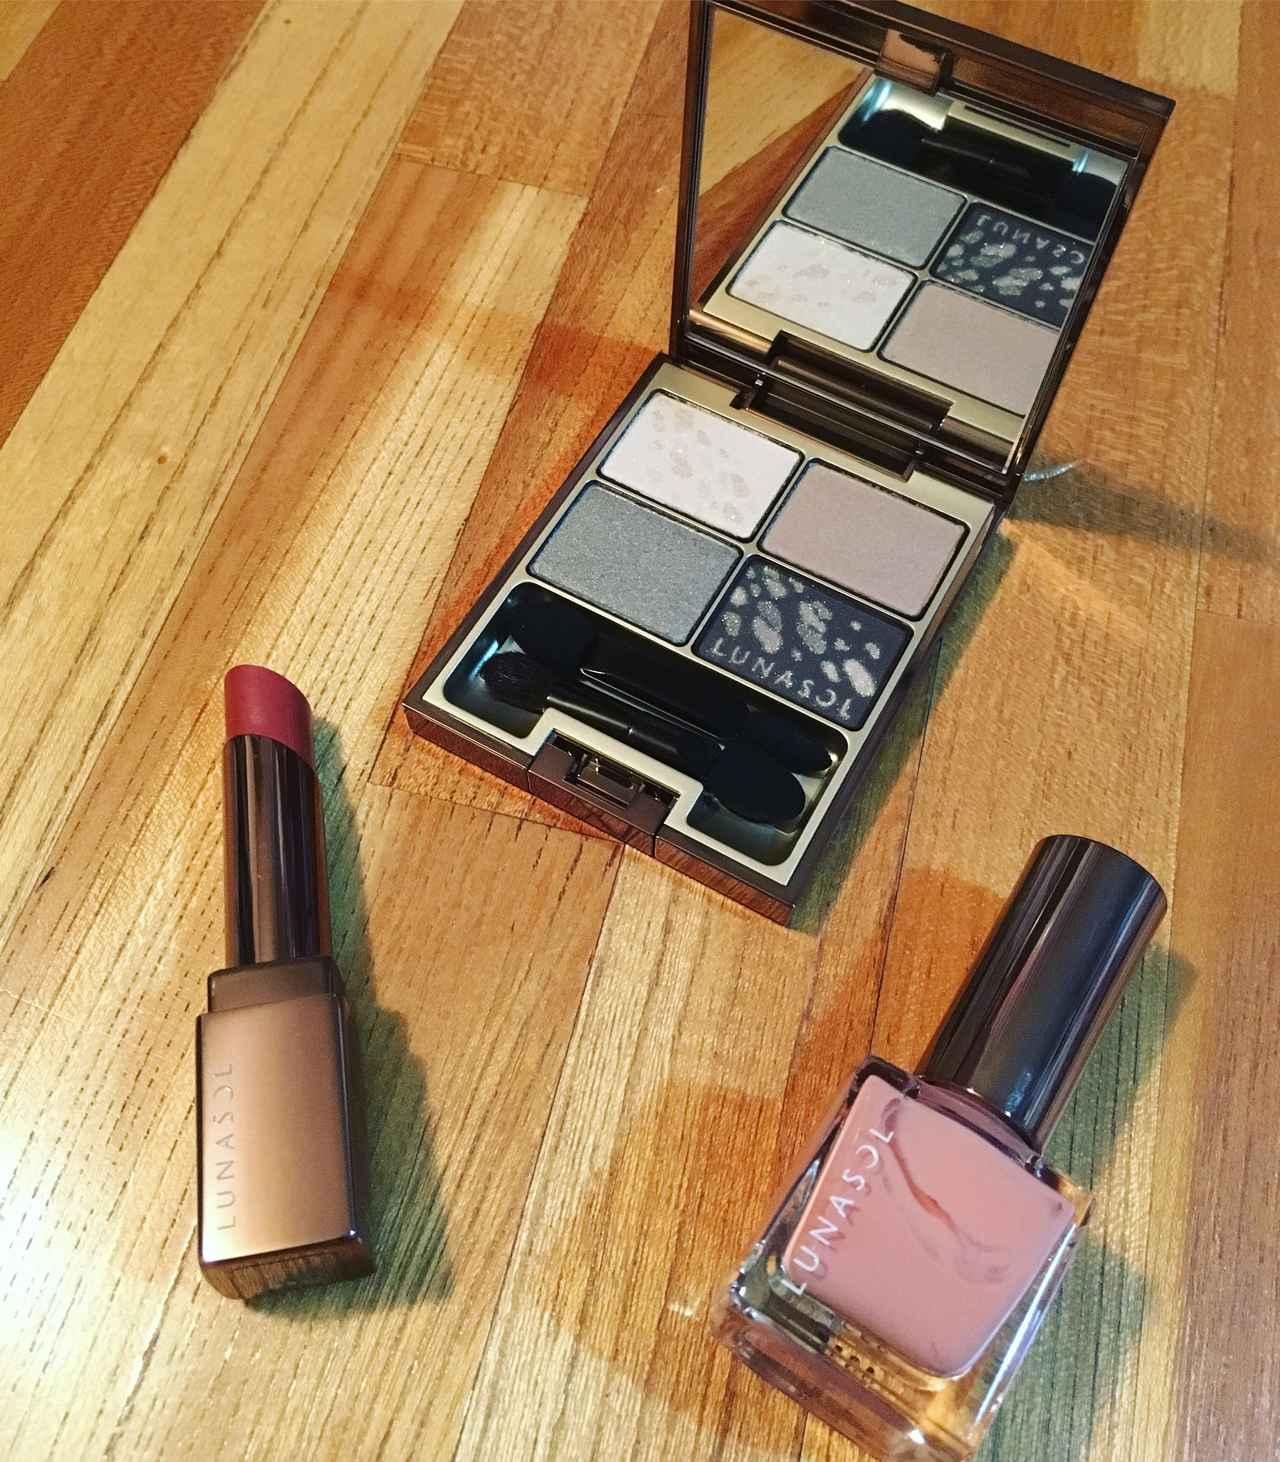 画像: 写真上 シャインフォールアイズ02 Sophisticate/写真左下 フルグラマーリップス EX09 Deep Terracotta/写真右下 ネイルフィニッシュN 新色14 Natural Pink